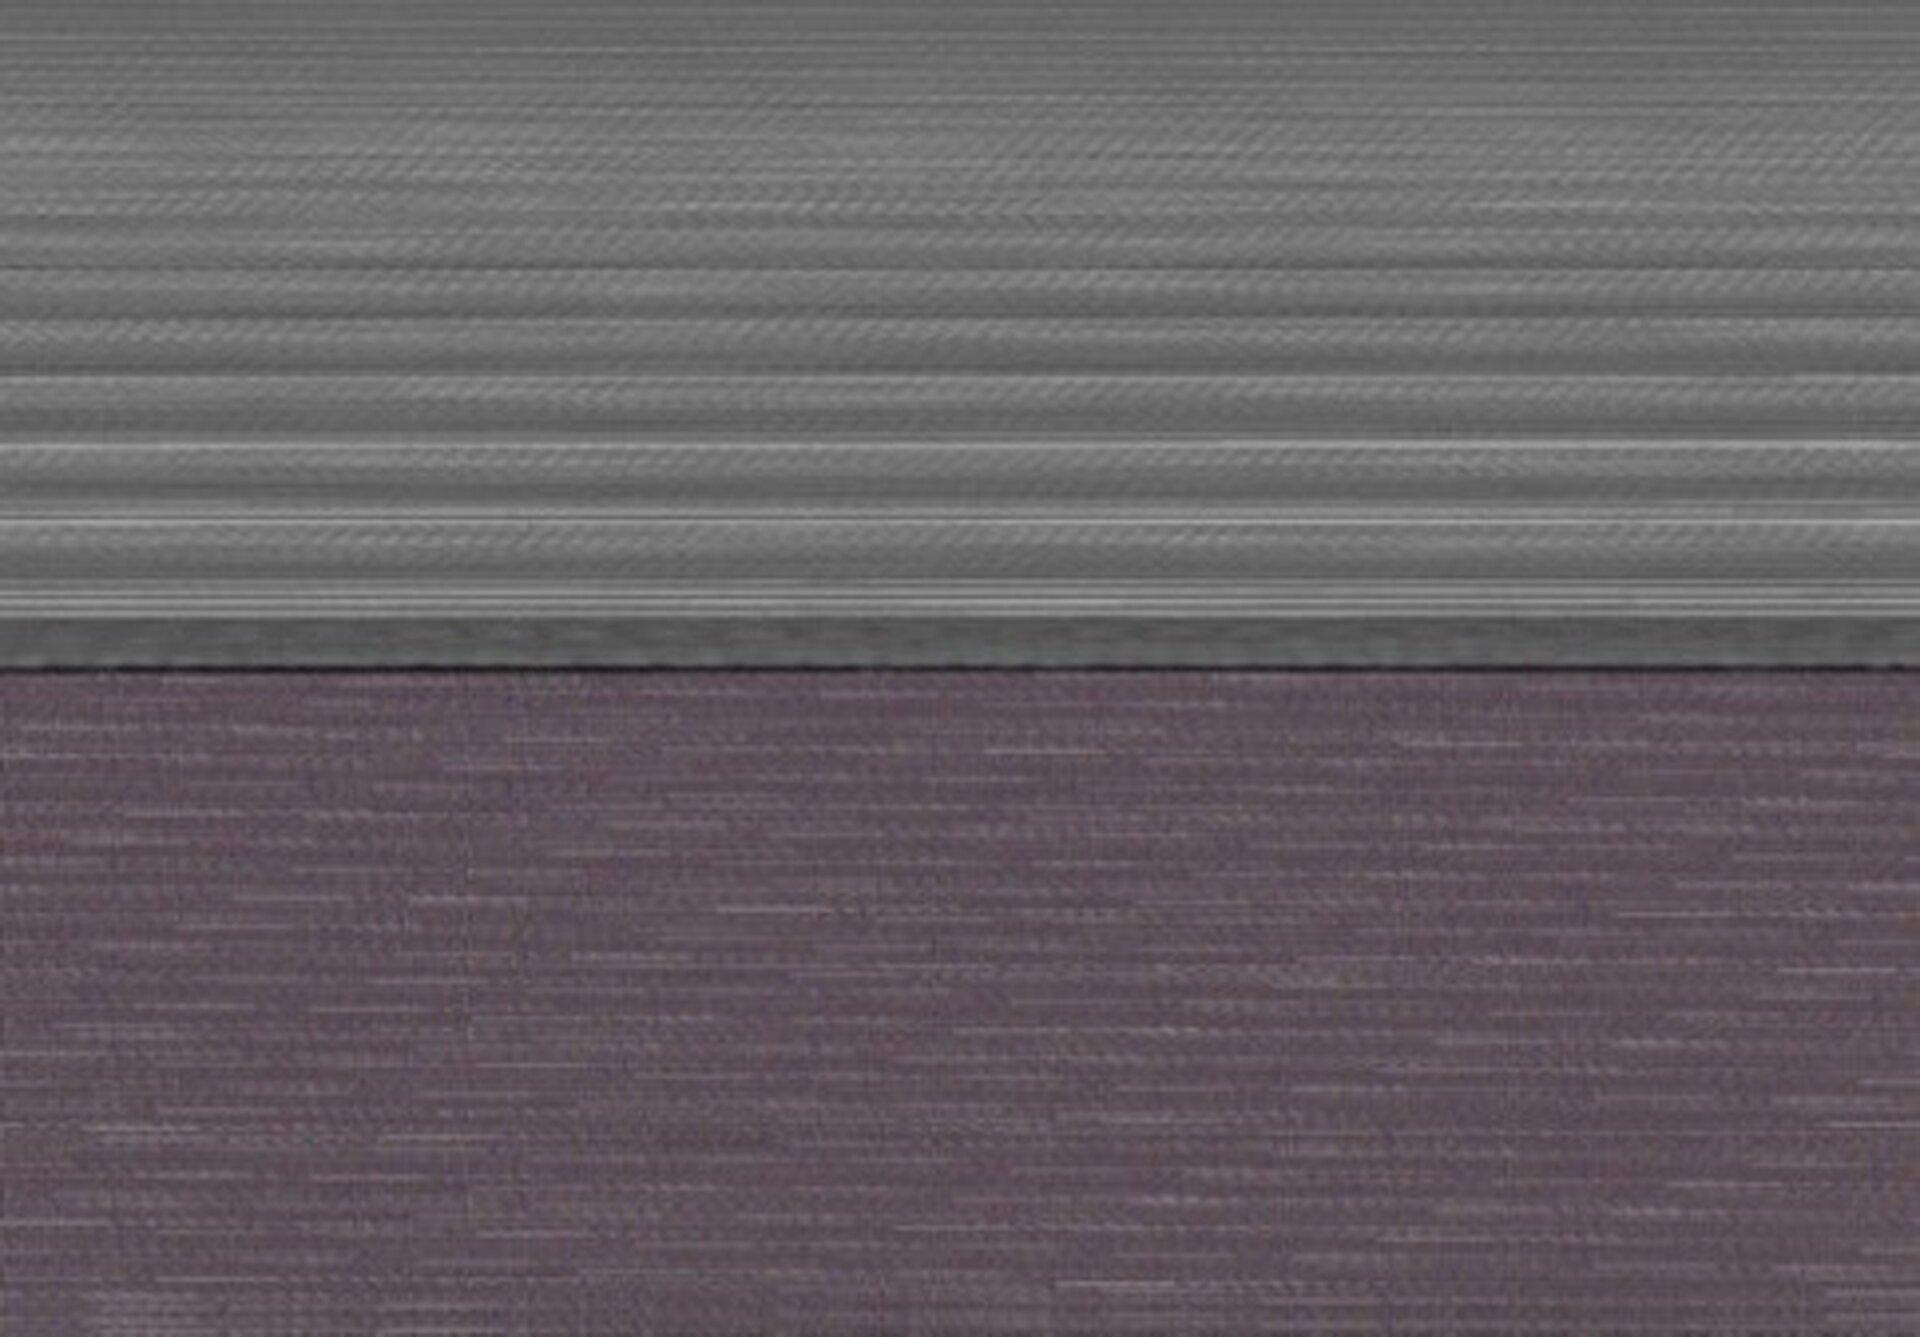 """Ilustracja przedstawia pracę Izabelli Retkowskiej """"Interferencje 17_d40a"""". Ukazuje podzielony na dwie części, poziomy prostokąt. Górną wypełniają szare, poziome pasy - na przemian jasne iciemne. Dolna część to fioletowe tło, na którym znajdują się jasnoszare, nierówne ikrótkie linie. Dwie części dzieli wpoziomie czarna, wyrazista linia."""